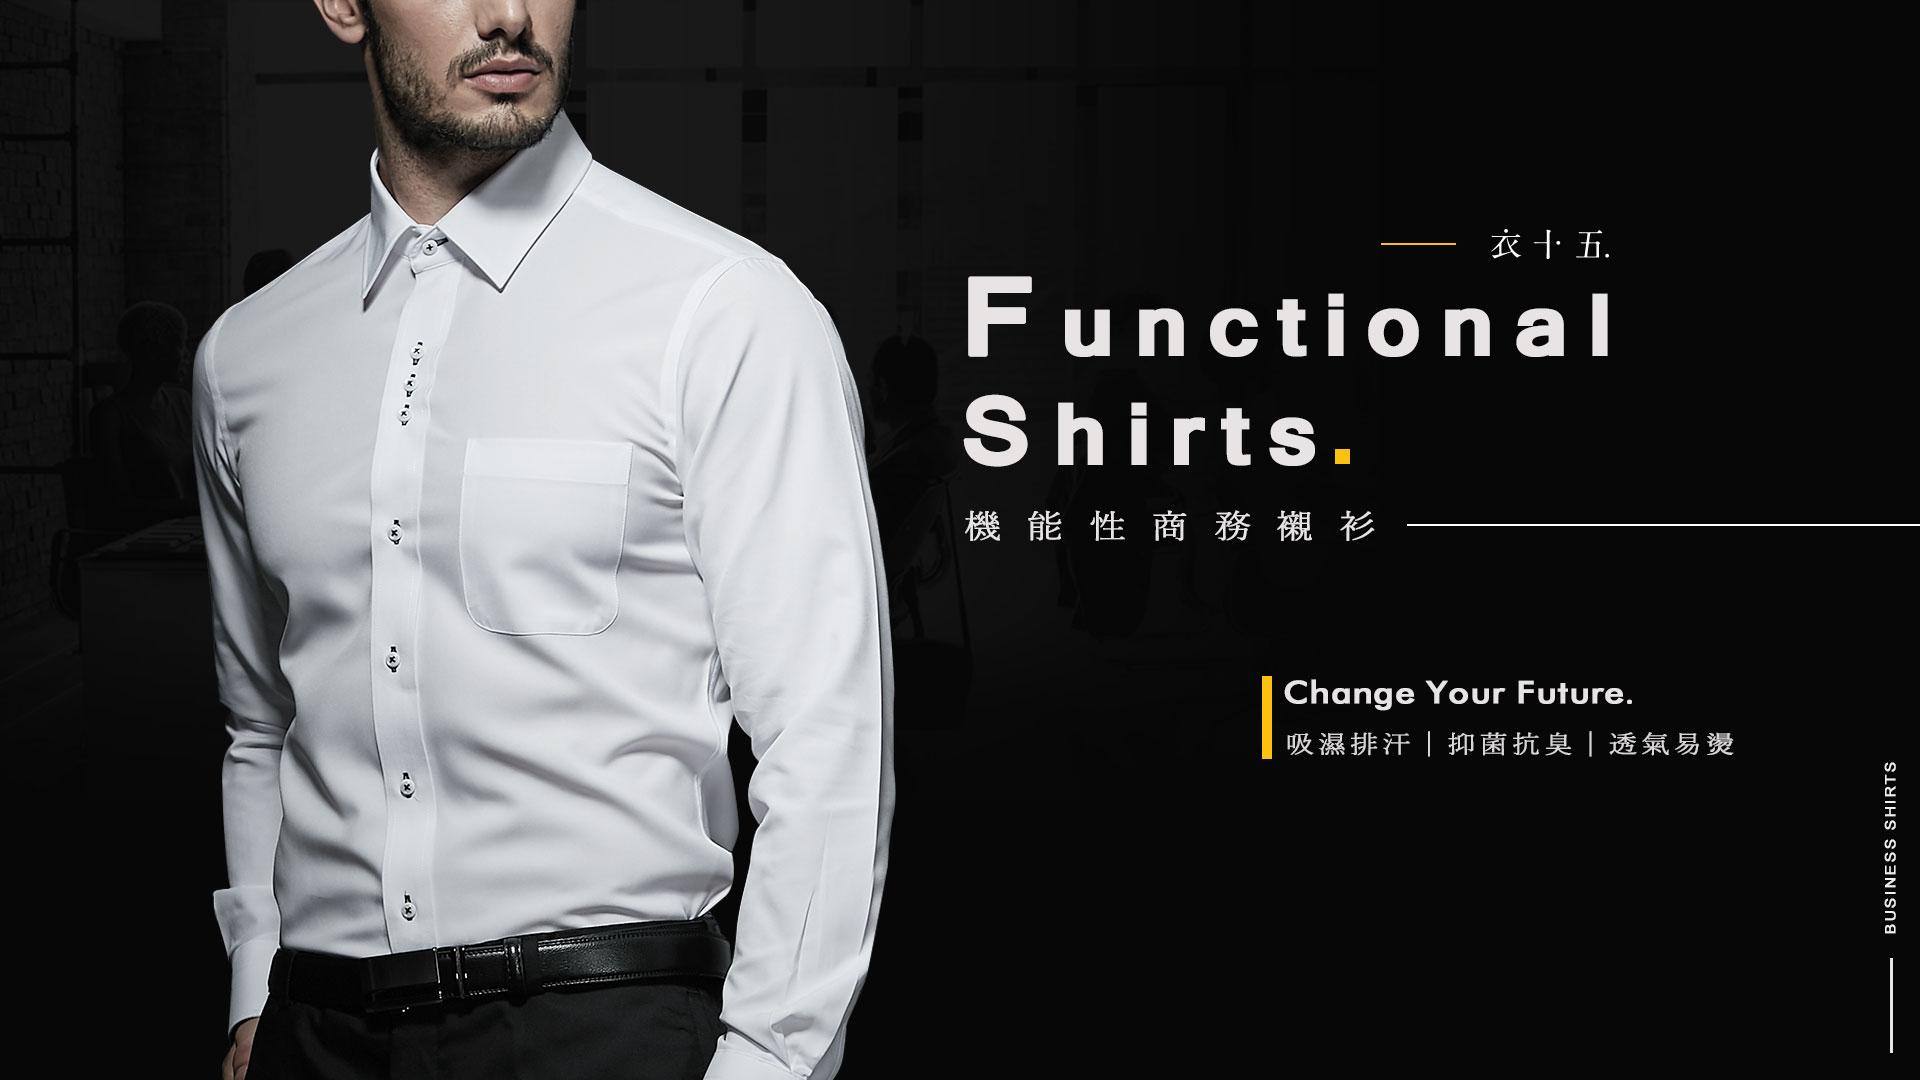 機能性襯衫,使用機能性布料,具吸濕排汗、抑菌抗臭、透氣防皺之效果